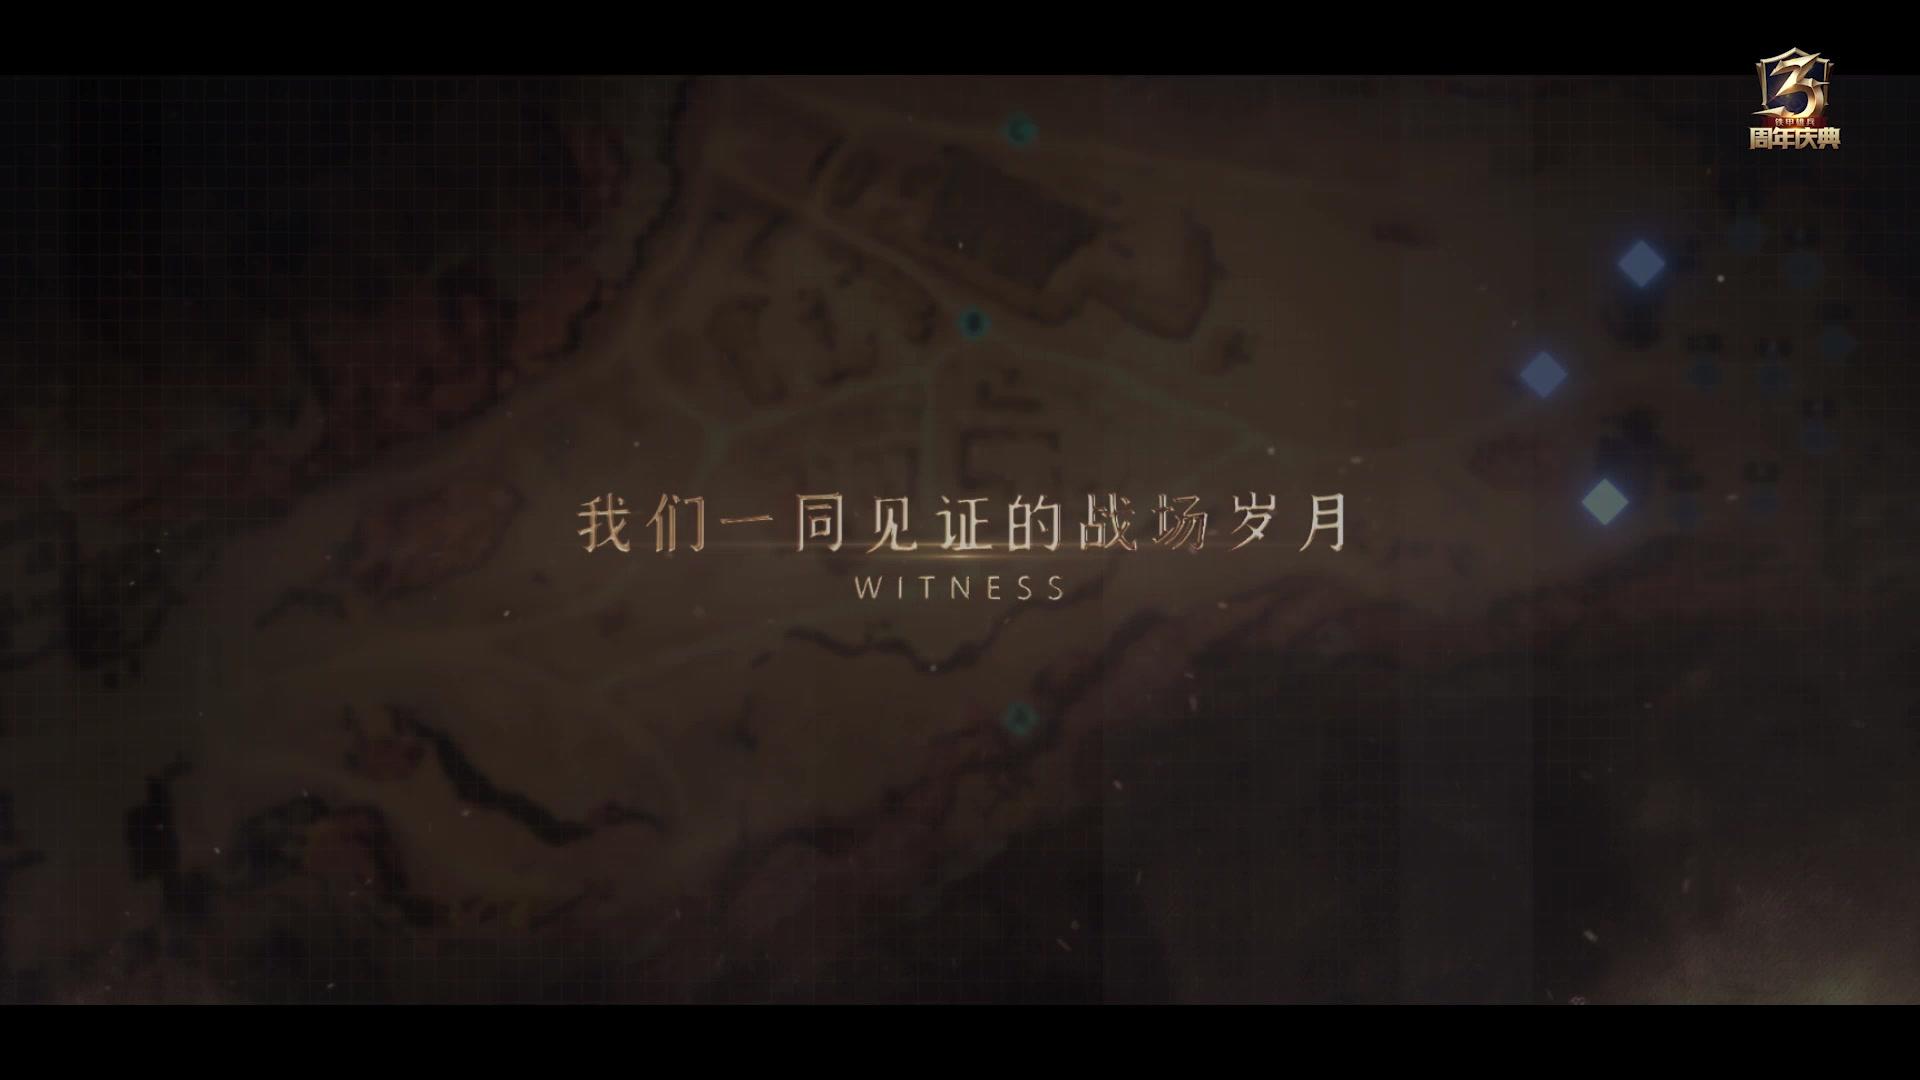 冷兵器骑砍类战争网游《铁甲雄兵》三周年大事记——我们的故事才刚开始